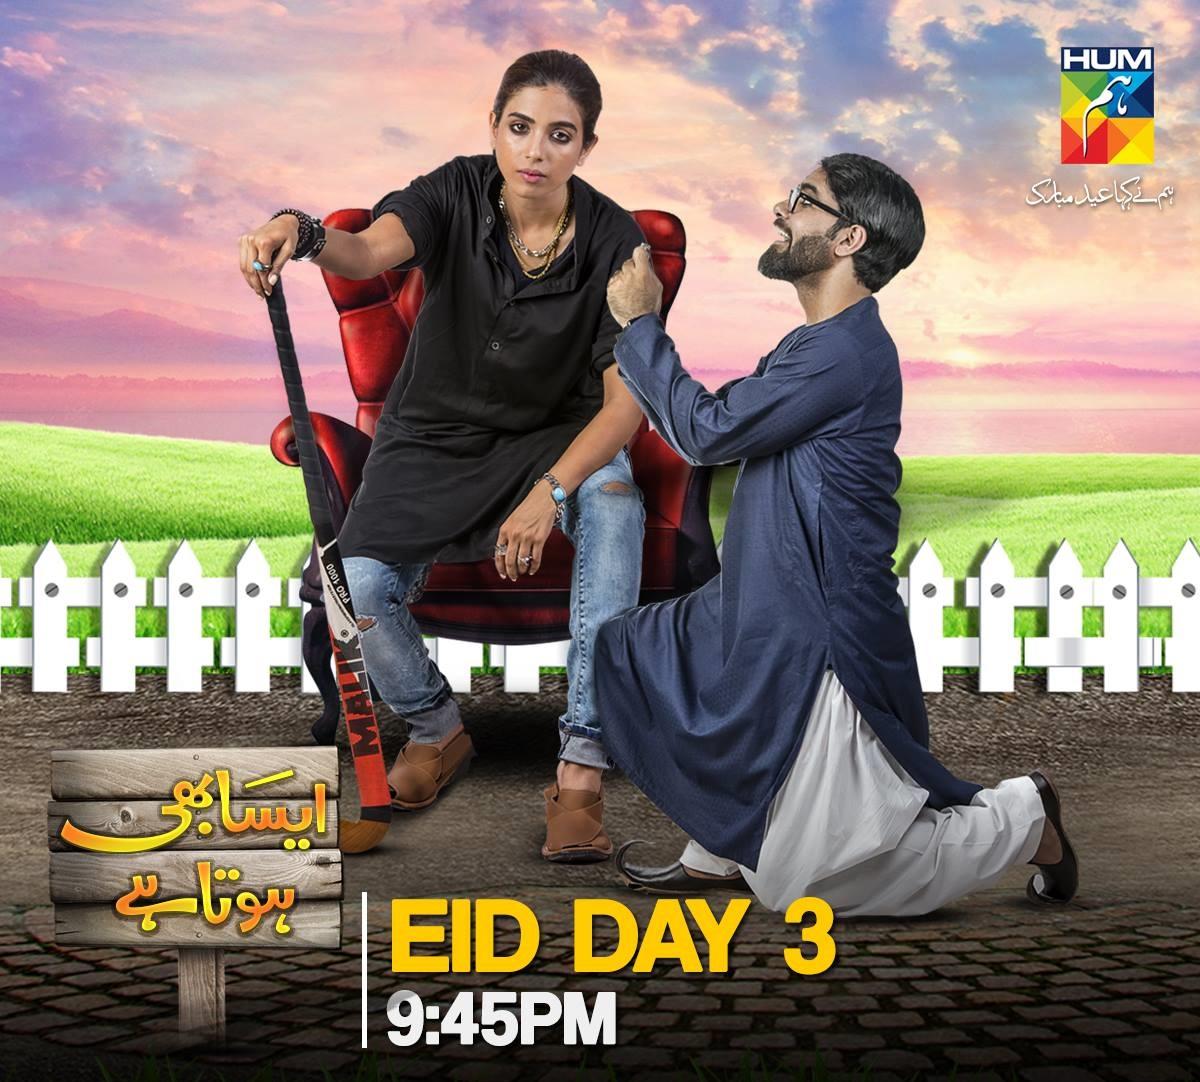 Aisa Bhe Hota Hai - HUM TV